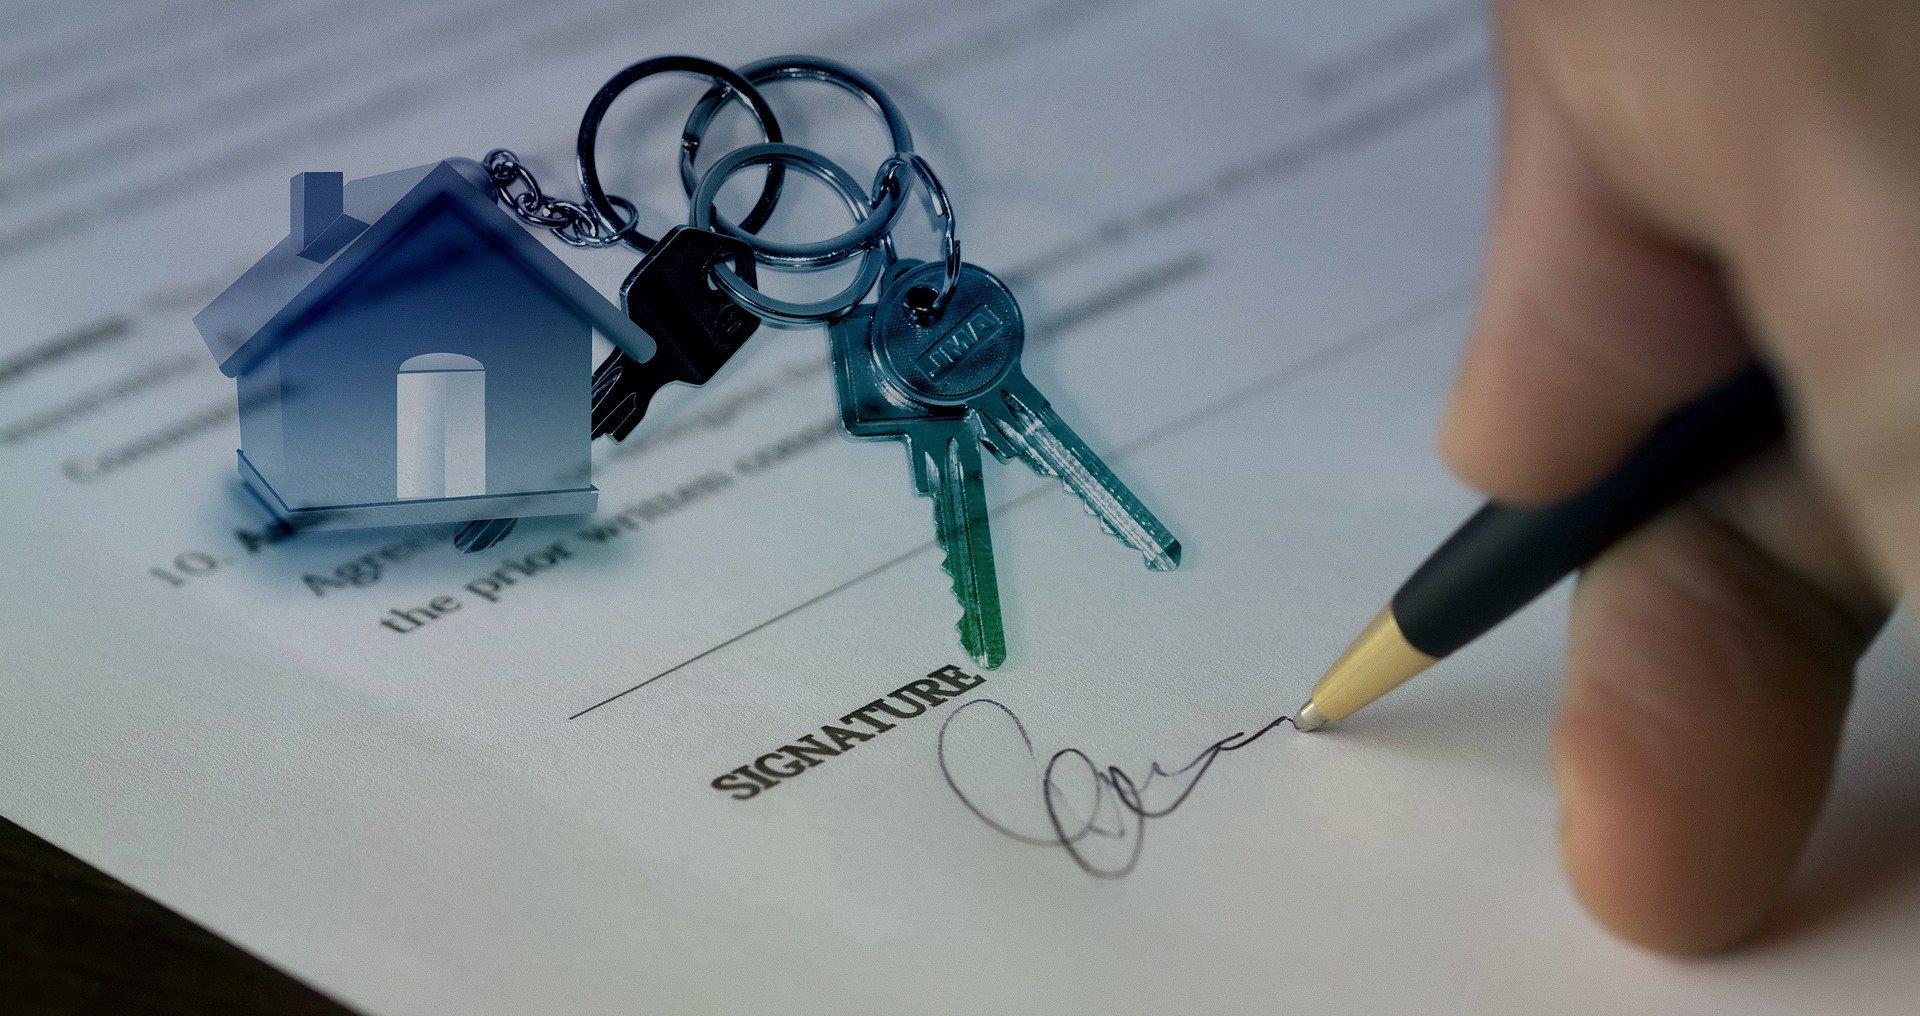 ¿Estabas gestionando la compra de una vivienda? ¿Qué pasará ahora en la situación actual?